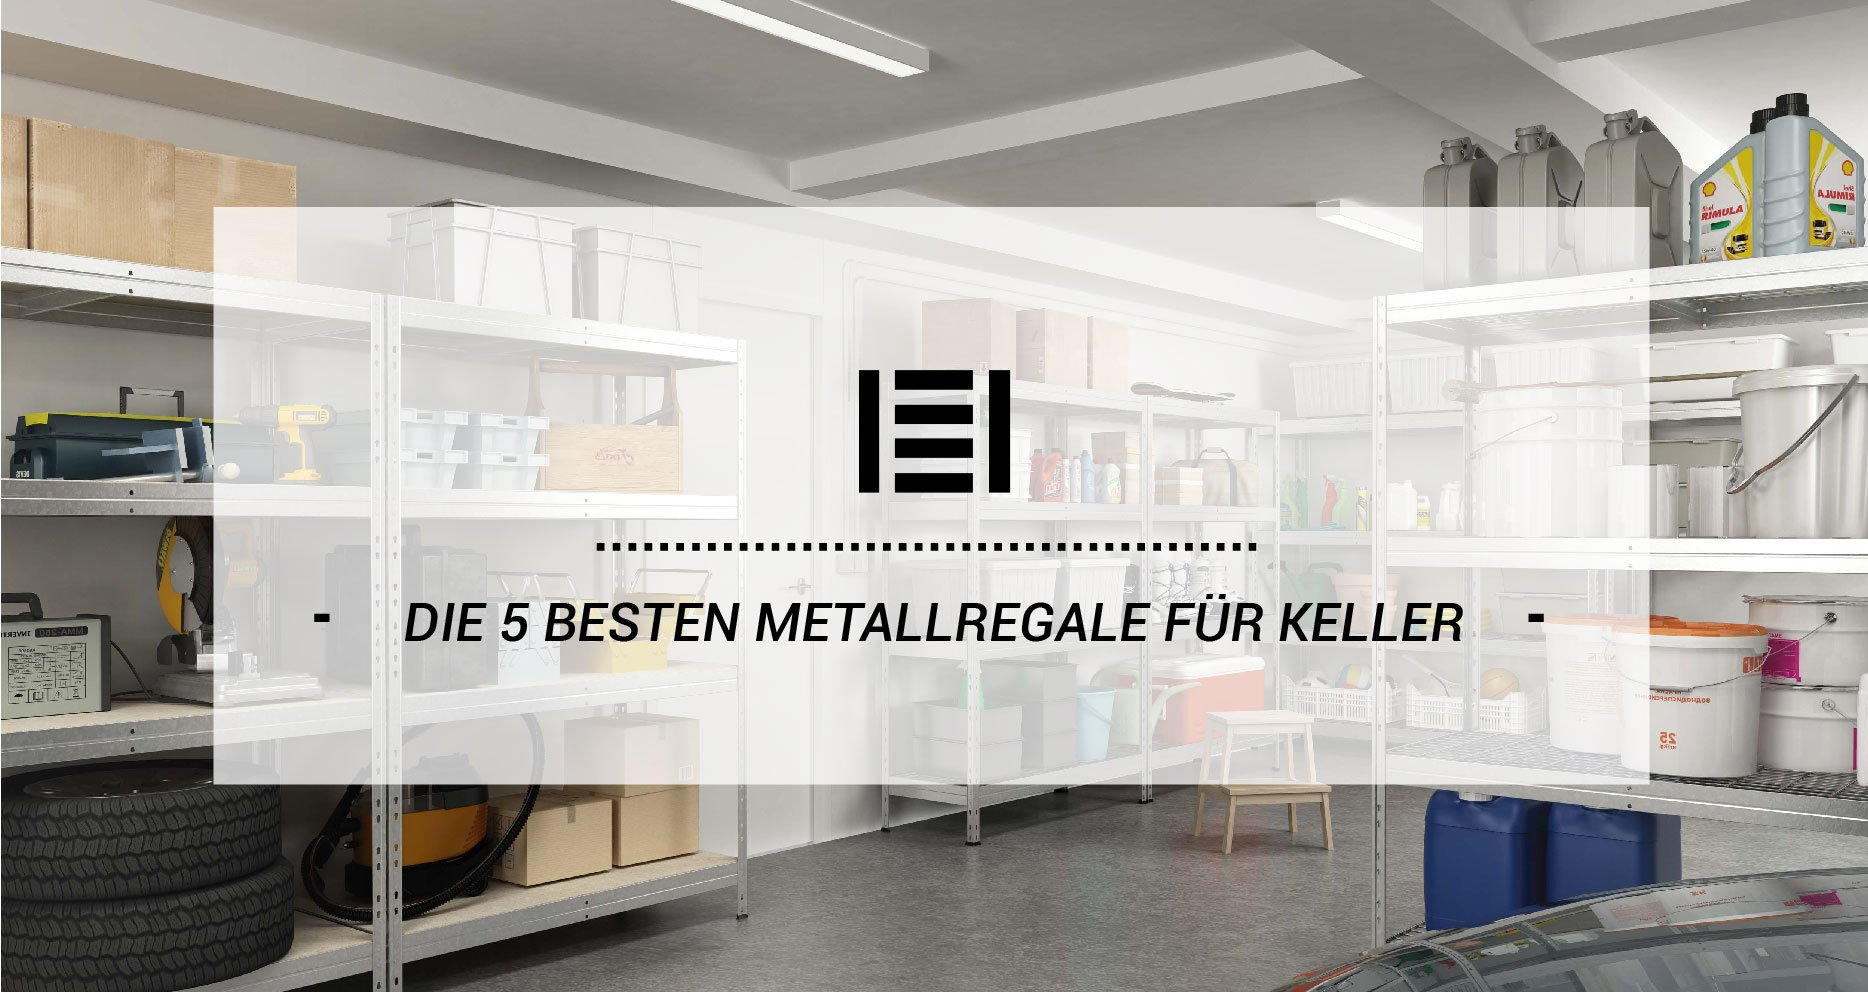 Die 5 besten Metallregale für Keller